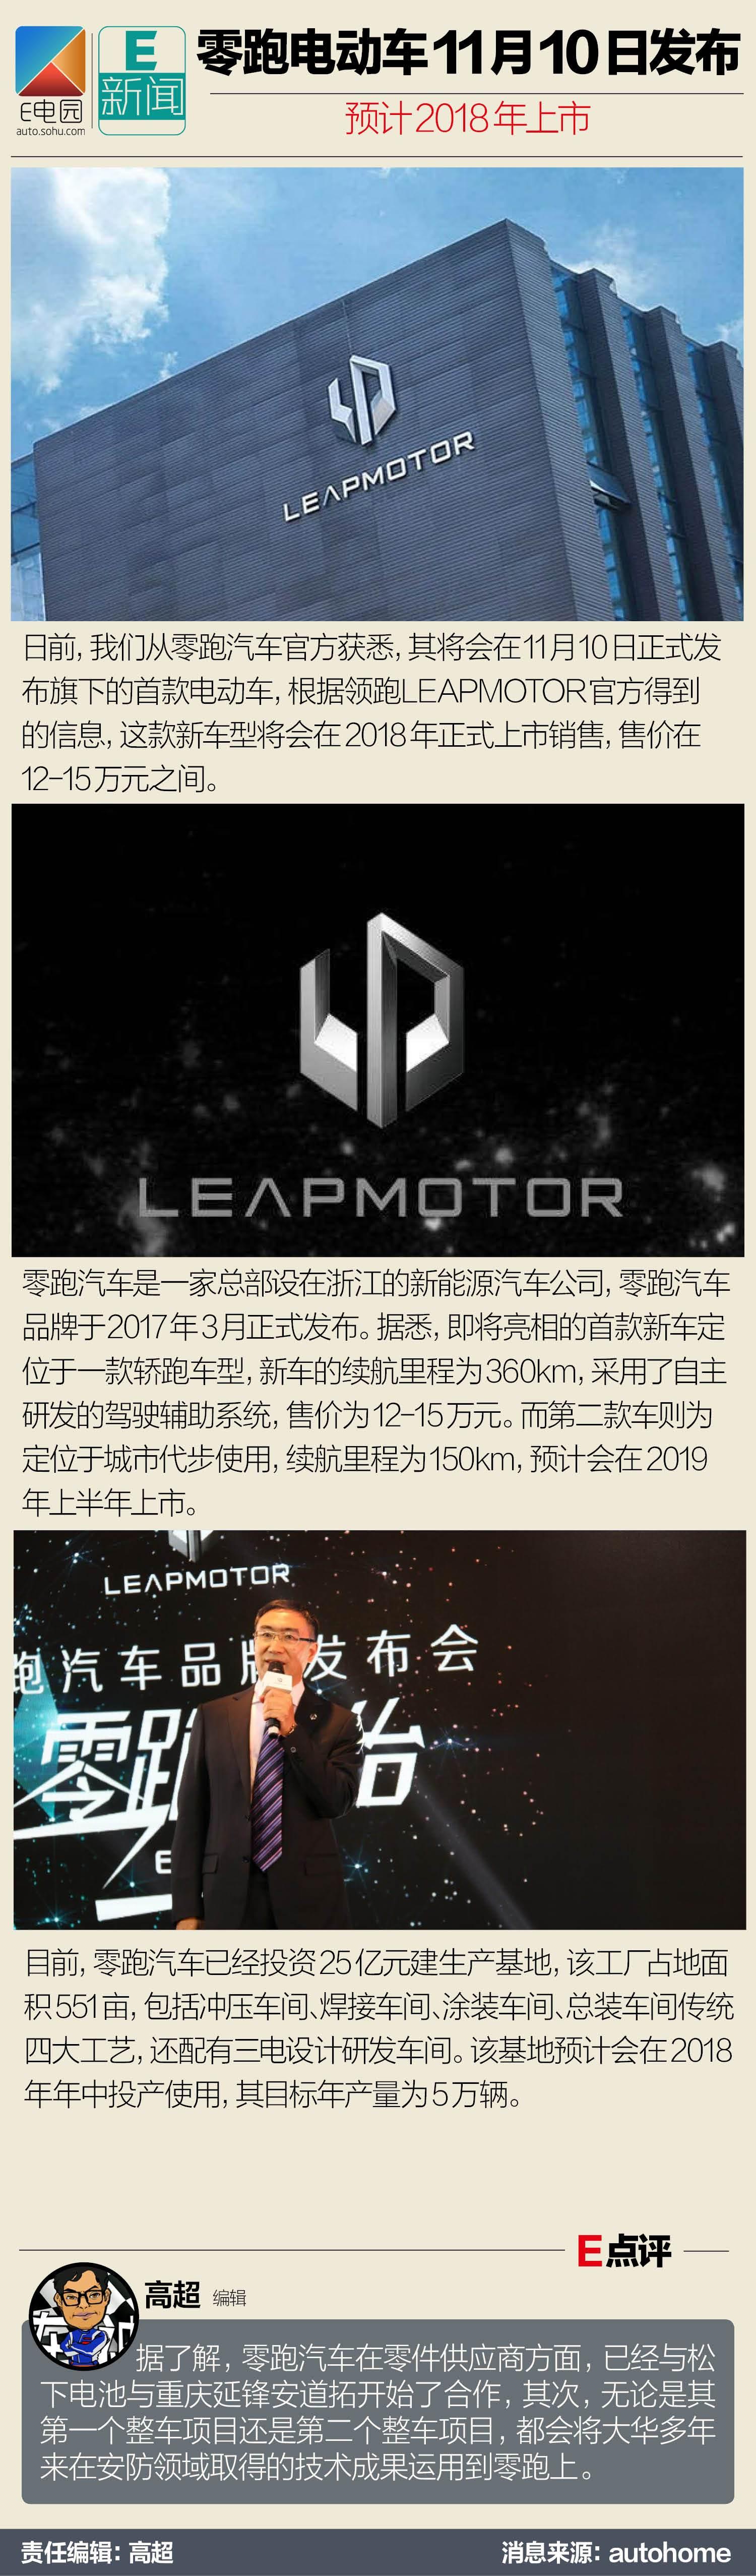 预计2018年上市 零跑电动车11月10日发布(第1页) -